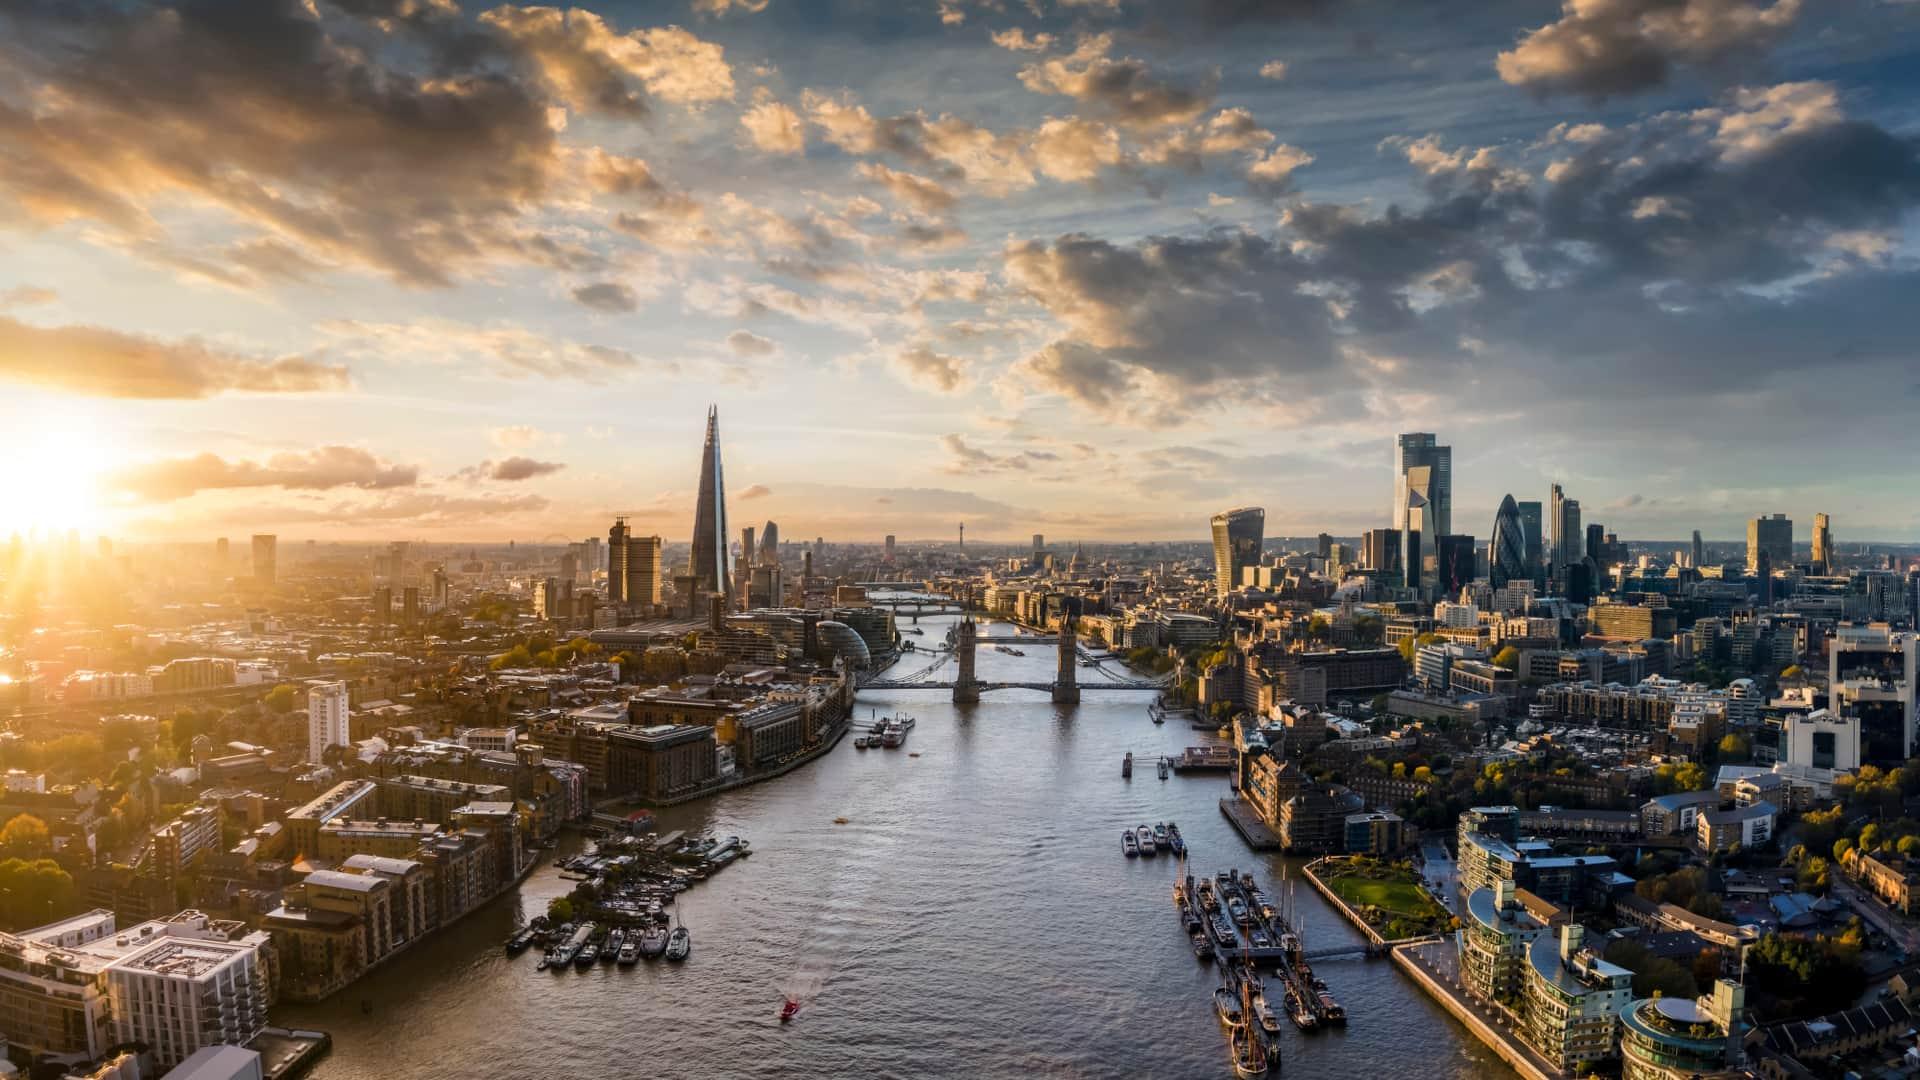 Roaming en Reino Unido. ¿Cómo se modificará después del Brexit?